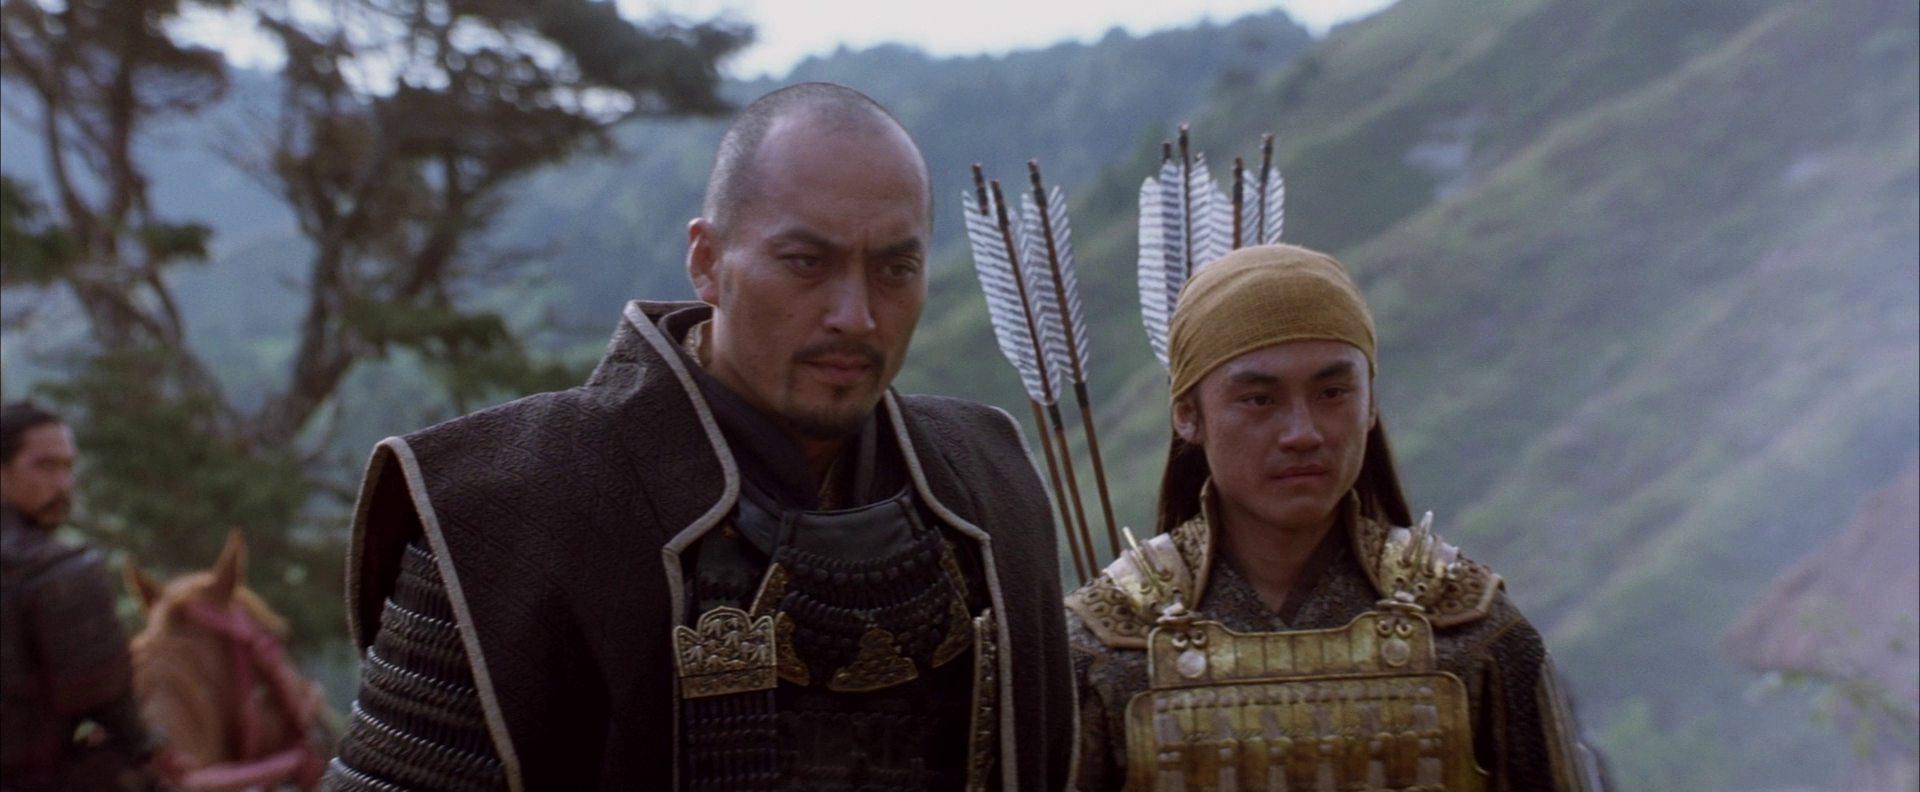 Последний самурай смотреть онлайн 720 (сюжет фильма)